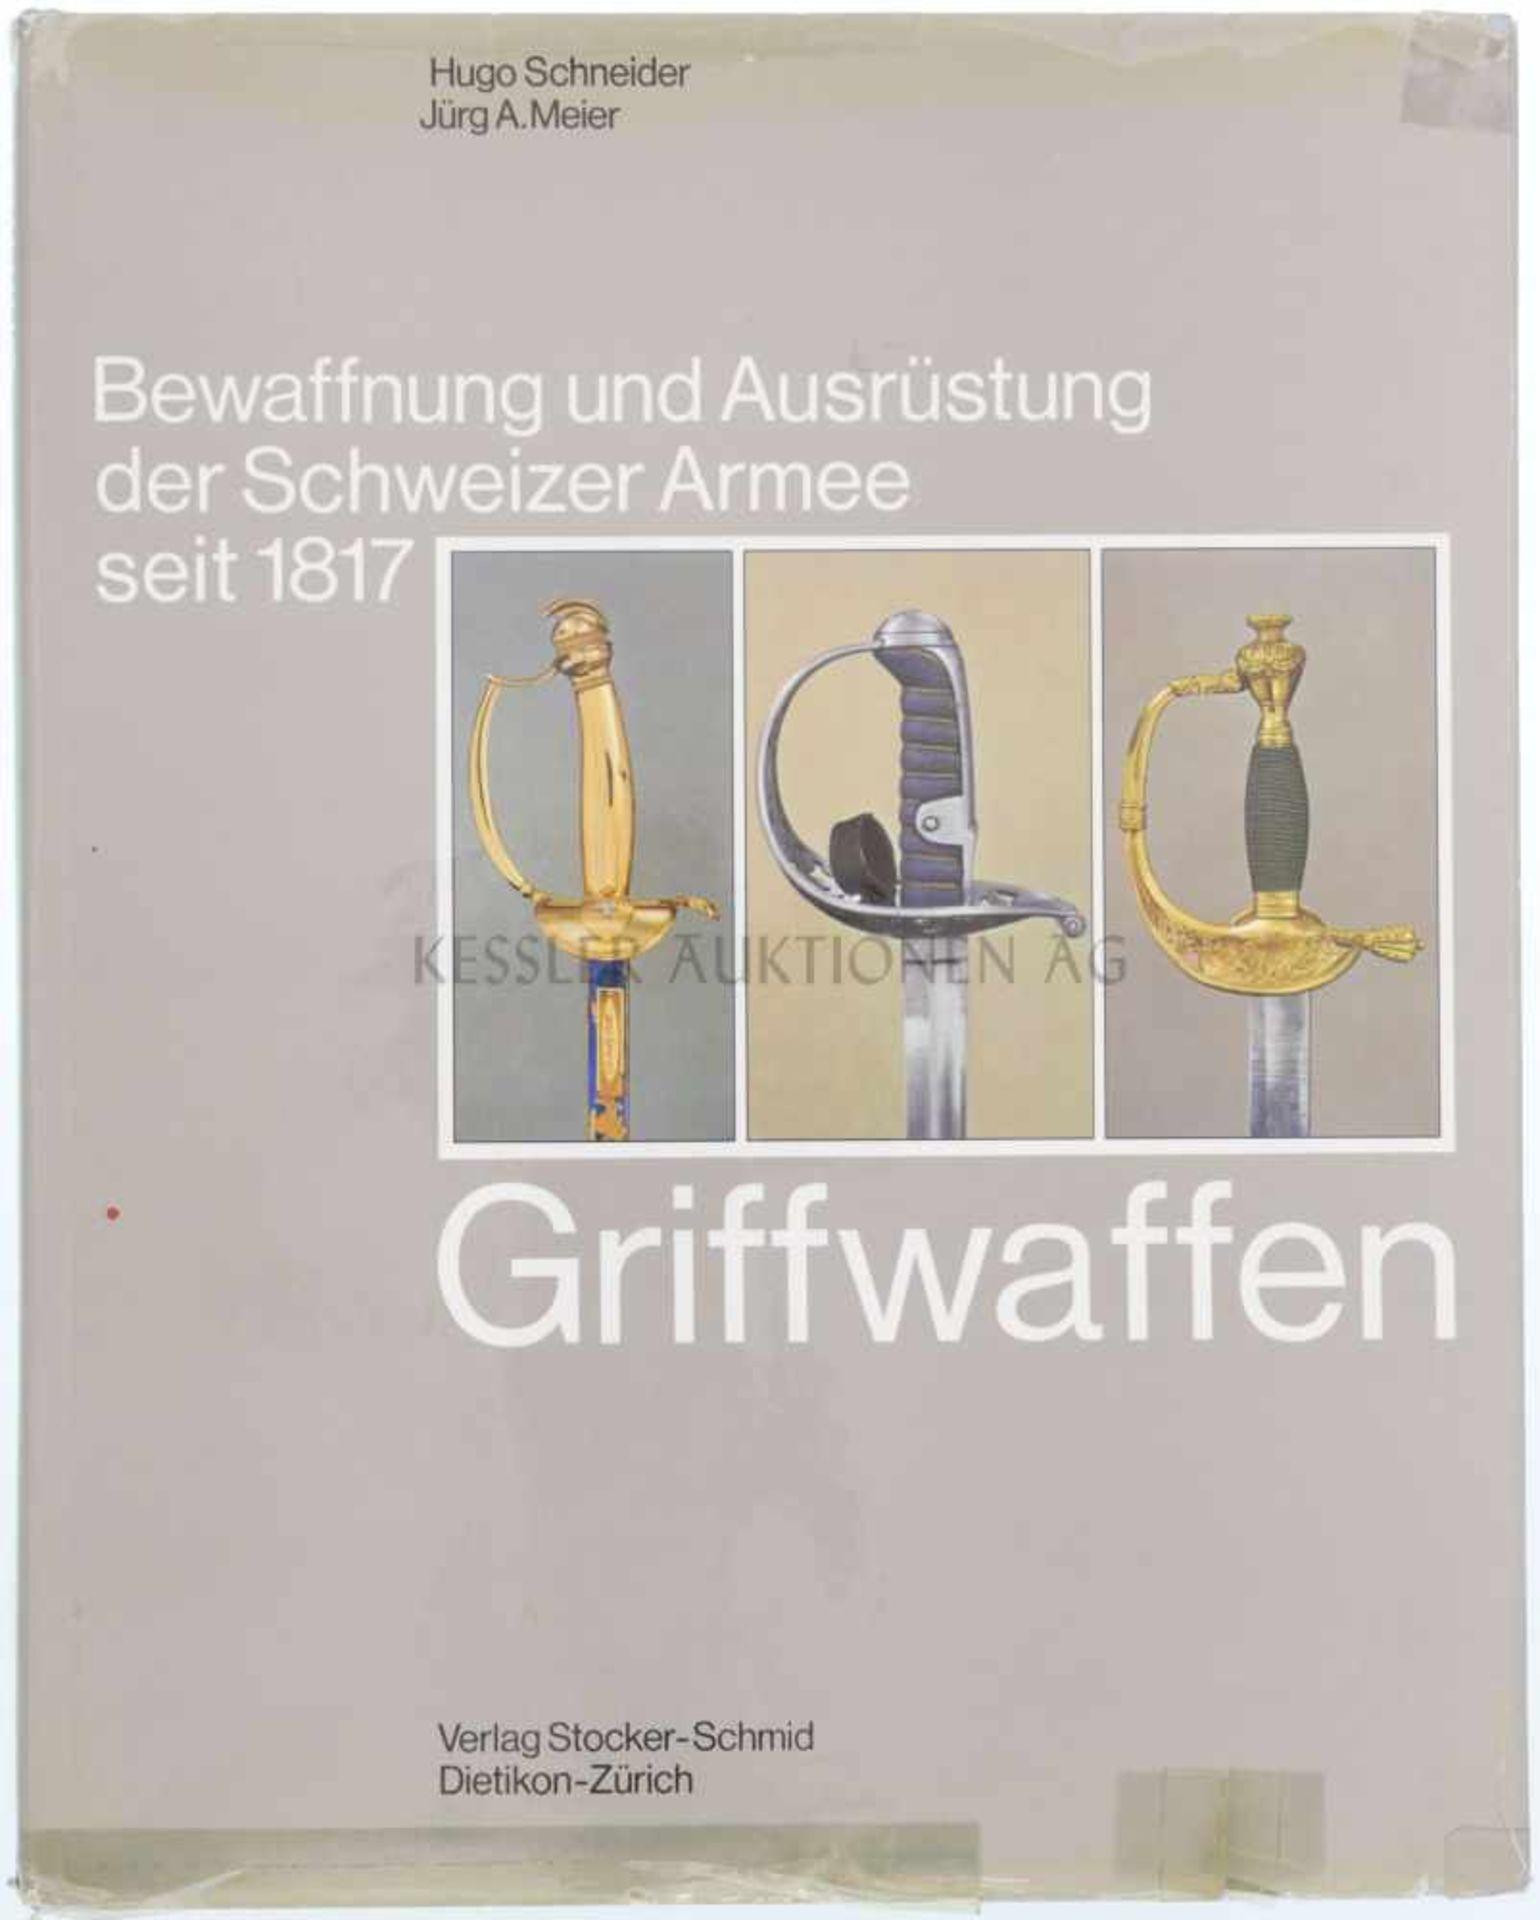 """Los 12 - Griffwaffen, Band 7 aus der Reihe """"Bewaffnung und Ausrüstung der Schweizer Armee seit 1817"""" Autoren:"""